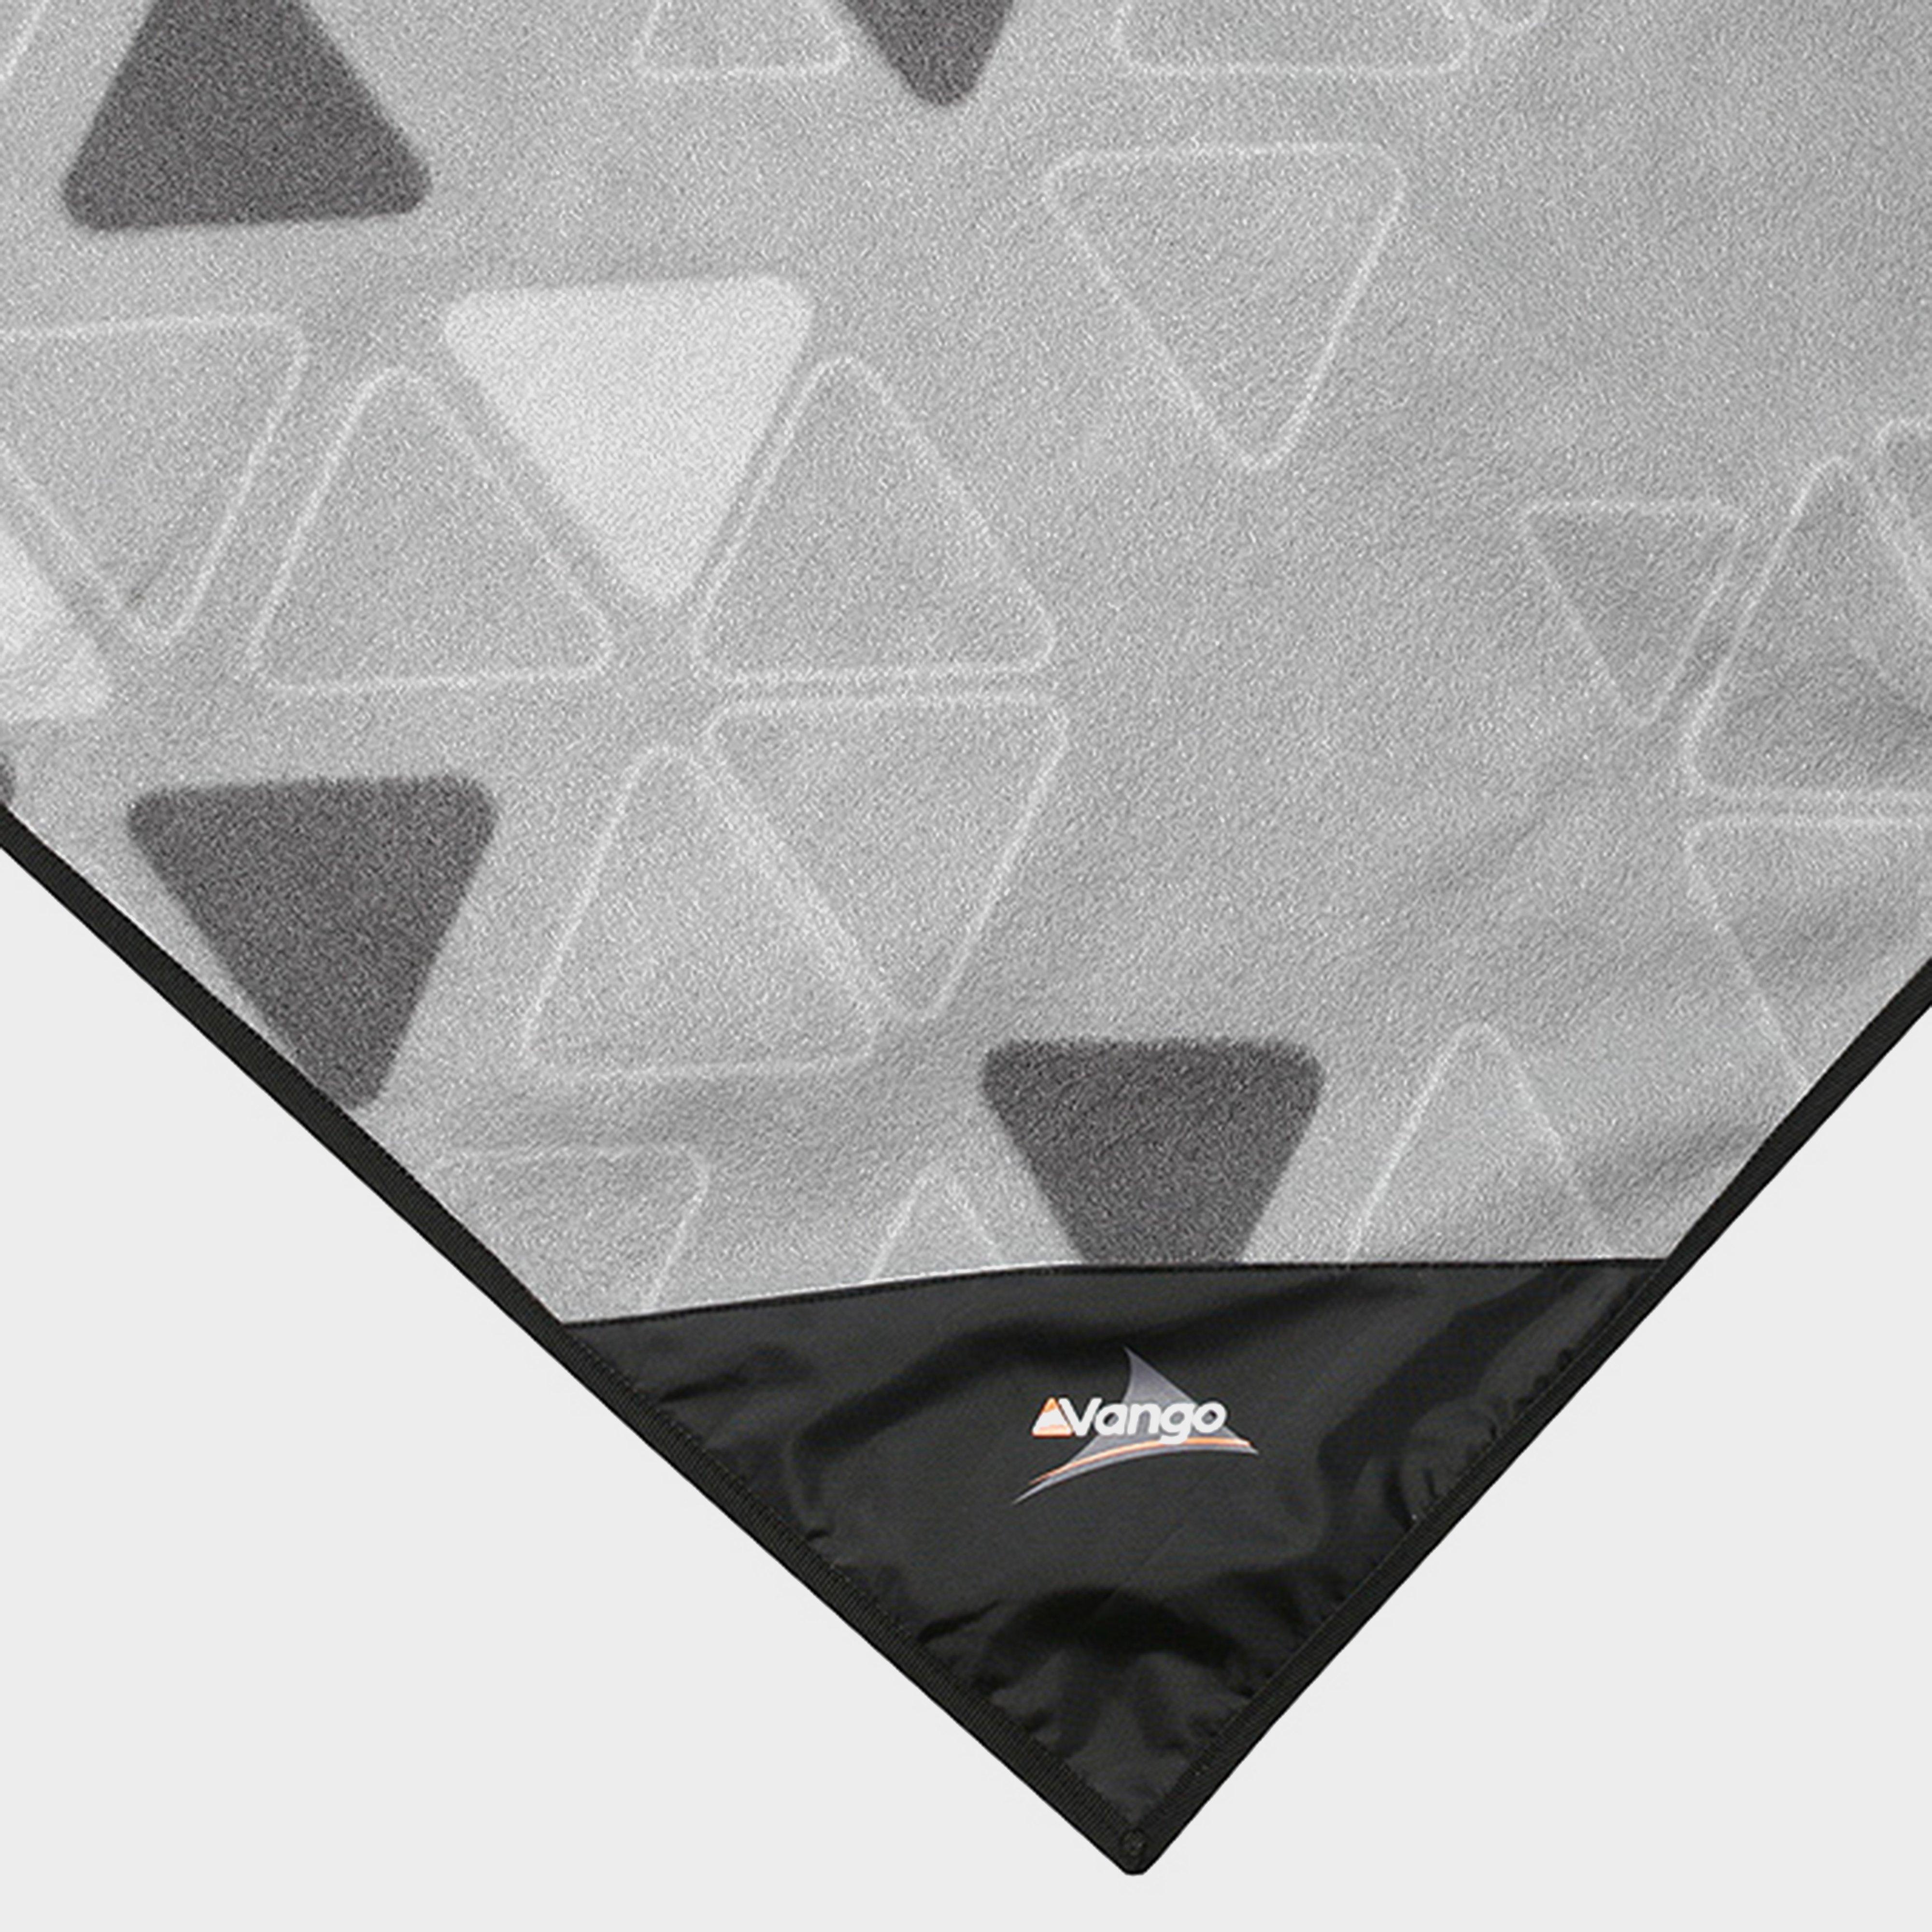 Vango Vango Tent Carpet for Icarus 500 Deluxe